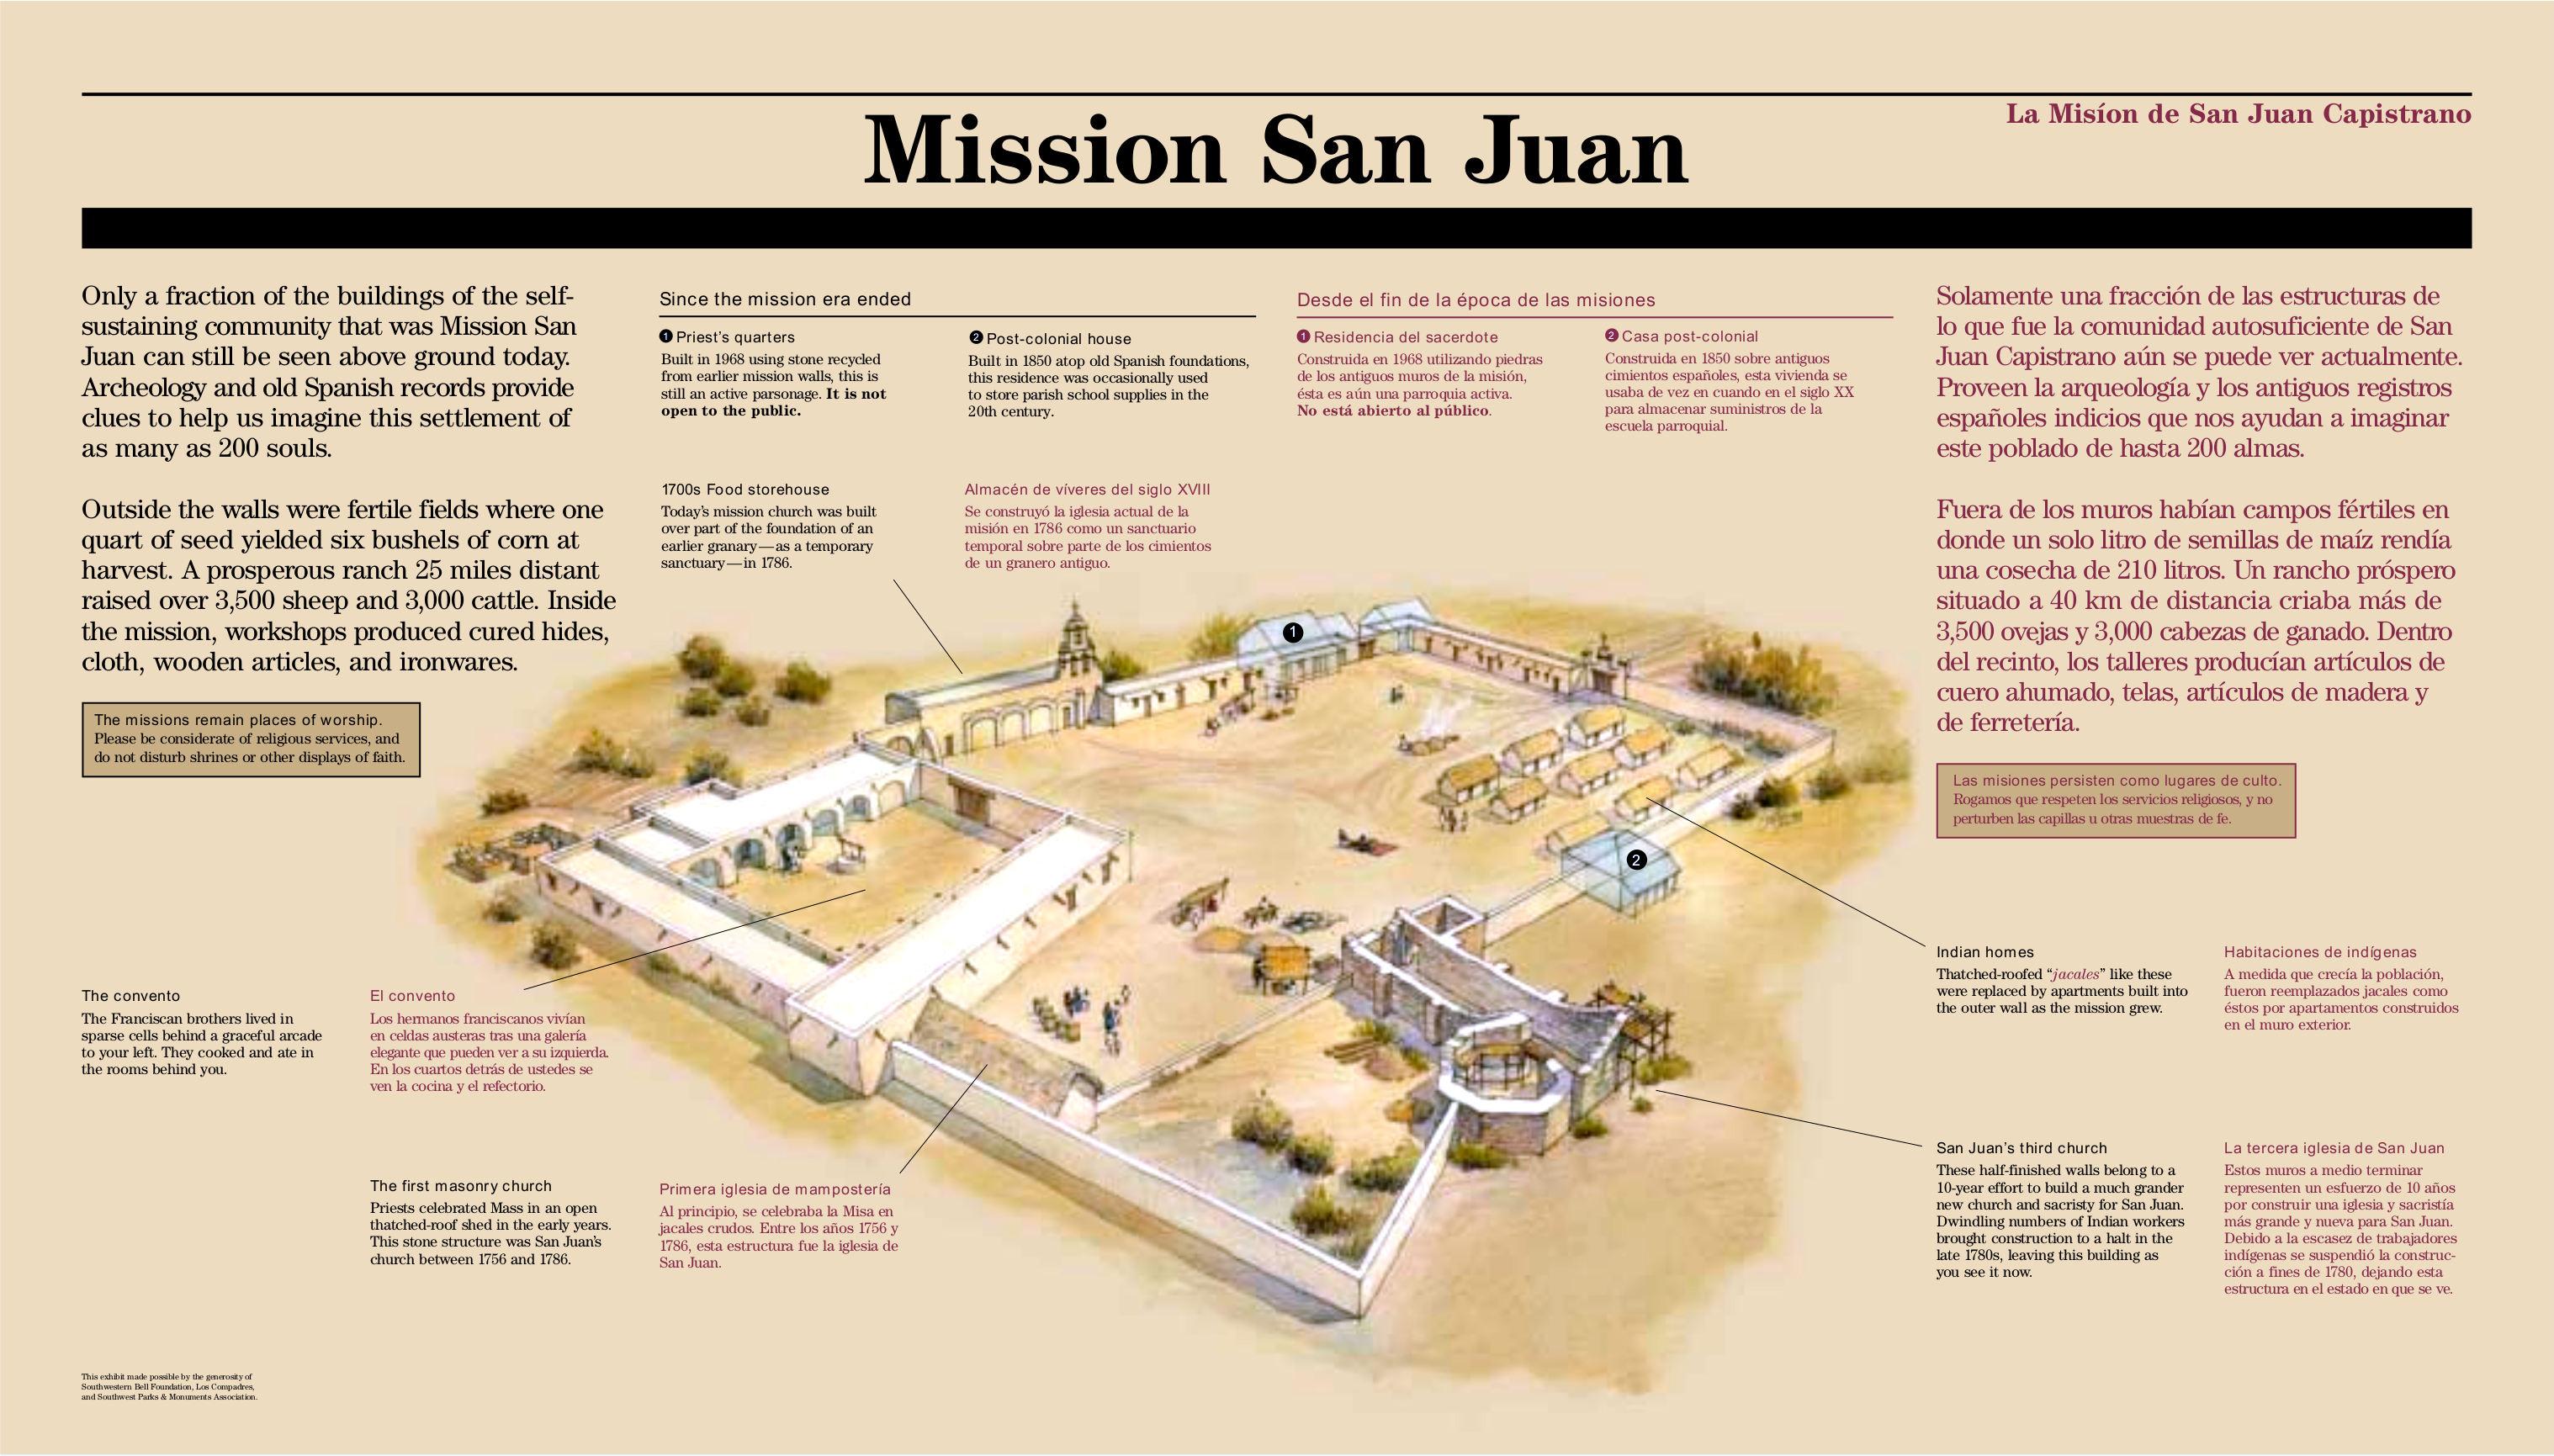 San Antonio Missions Map San Antonio Missions Maps | NPMaps.  just free maps, period. San Antonio Missions Map